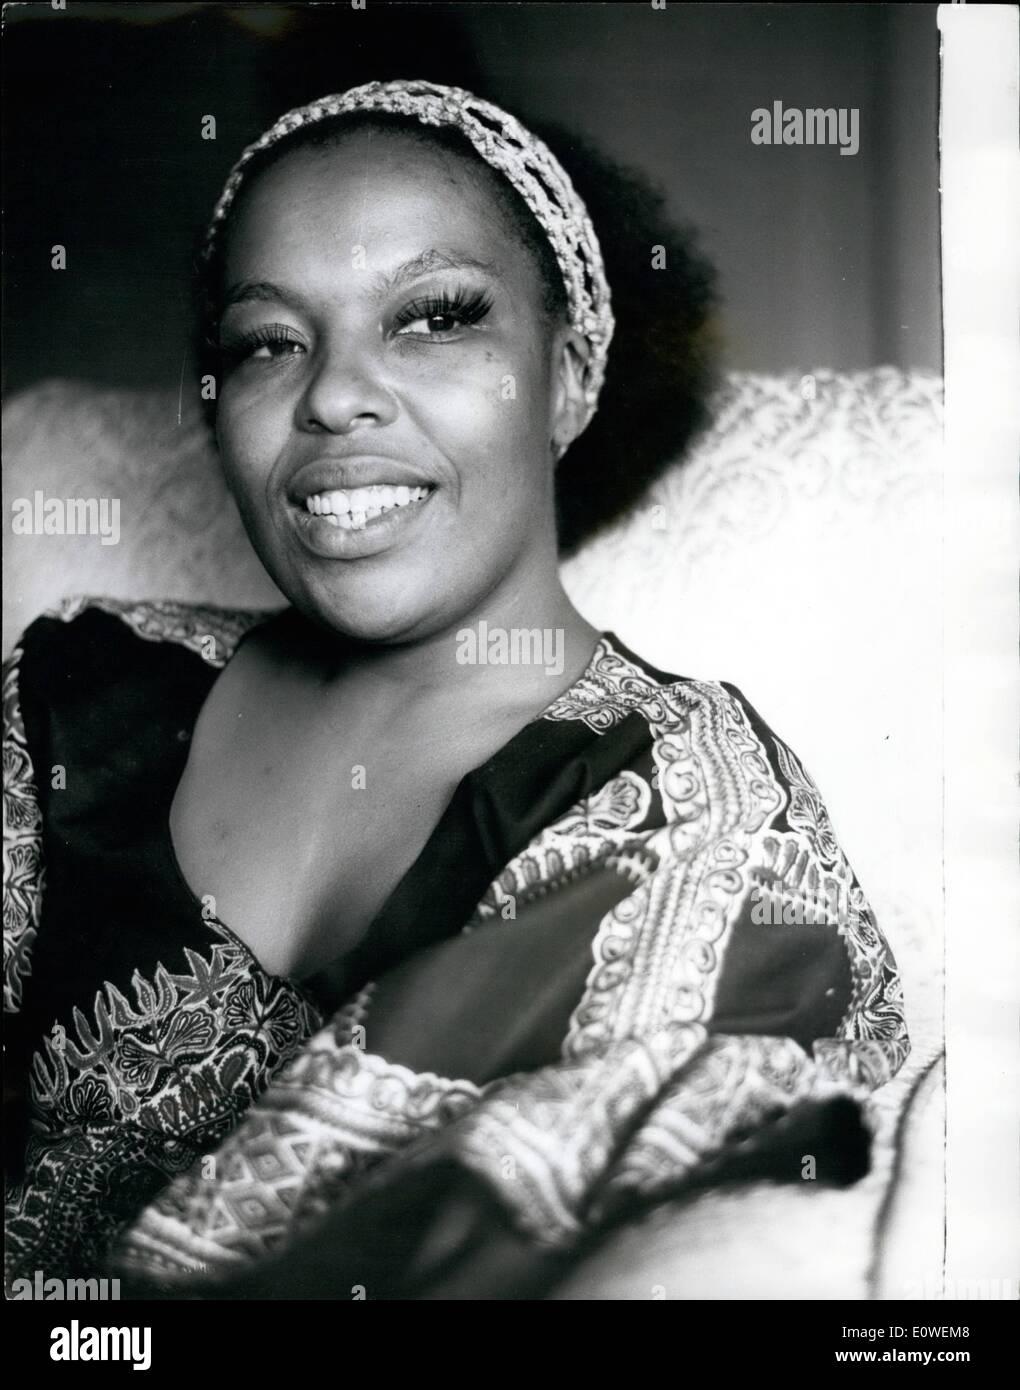 Jul 31, 1962 - Julio 31st, 1962 Foto llamada de Roberta Flack. hoto Muestra: la cantante americana Roberta Flack, retratada en t Imagen De Stock